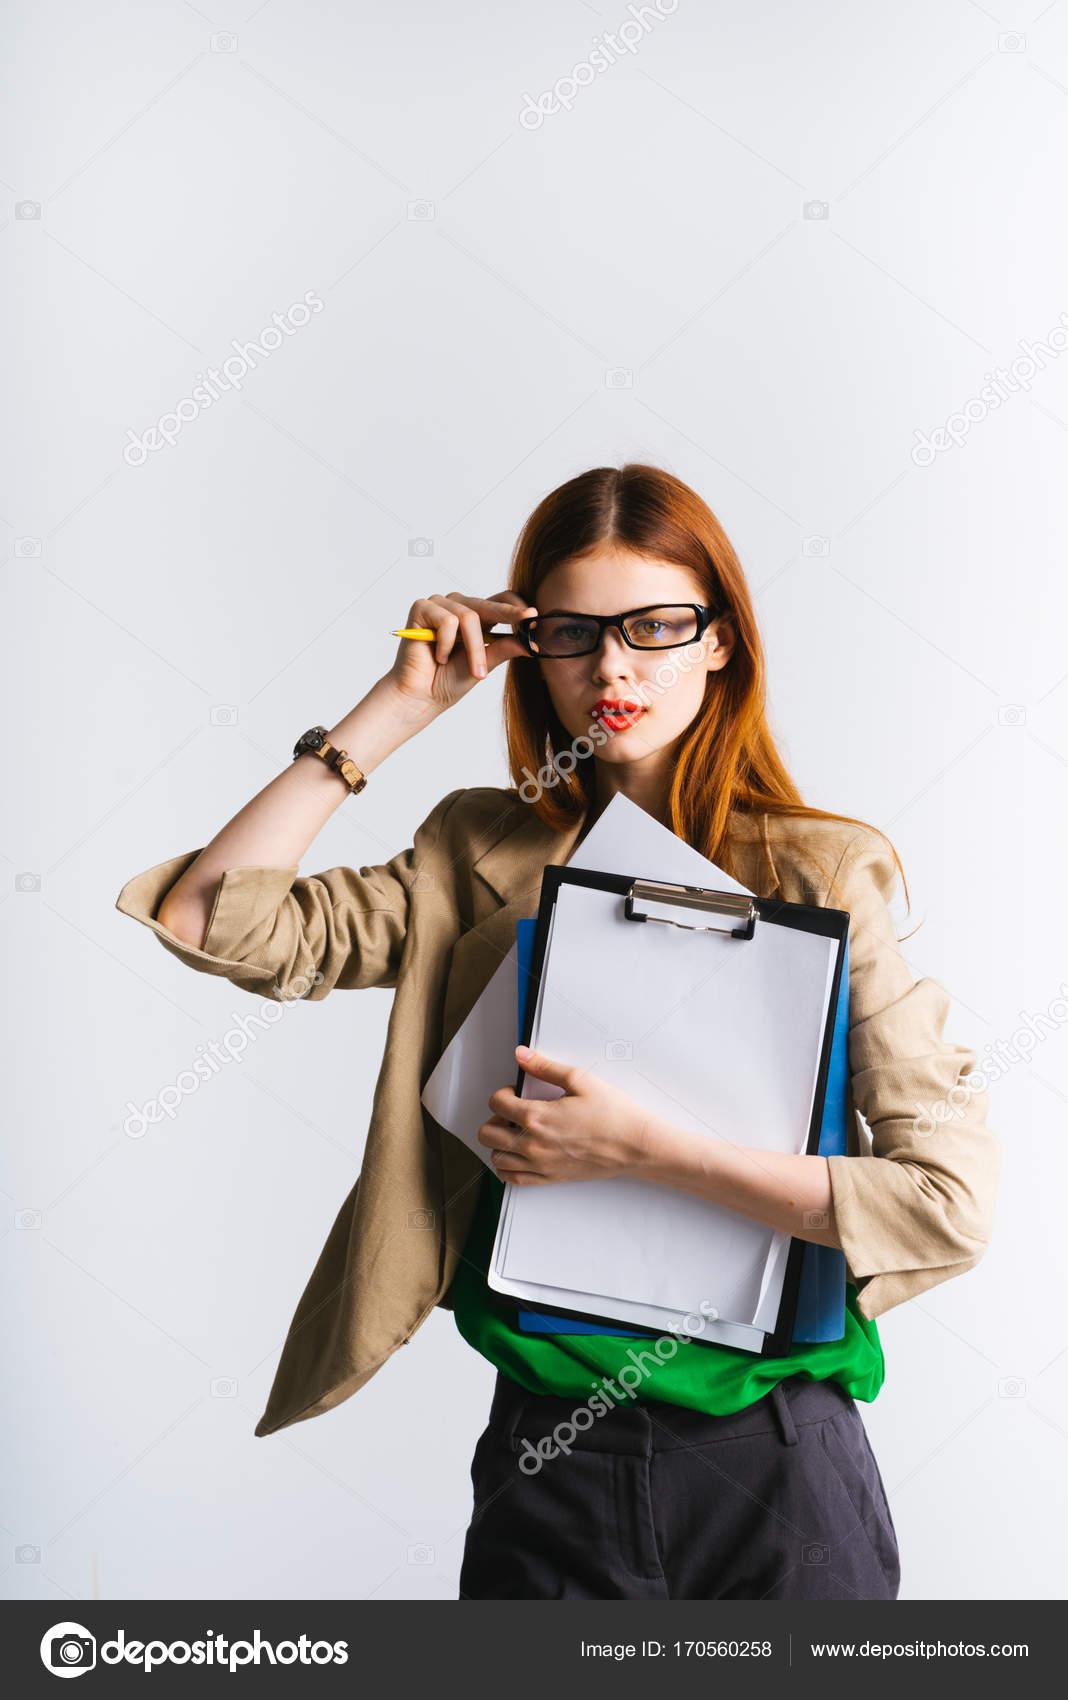 738338c878a967 Een moderne zeker jong meisje met bril is een map met belangrijke  documenten te houden en